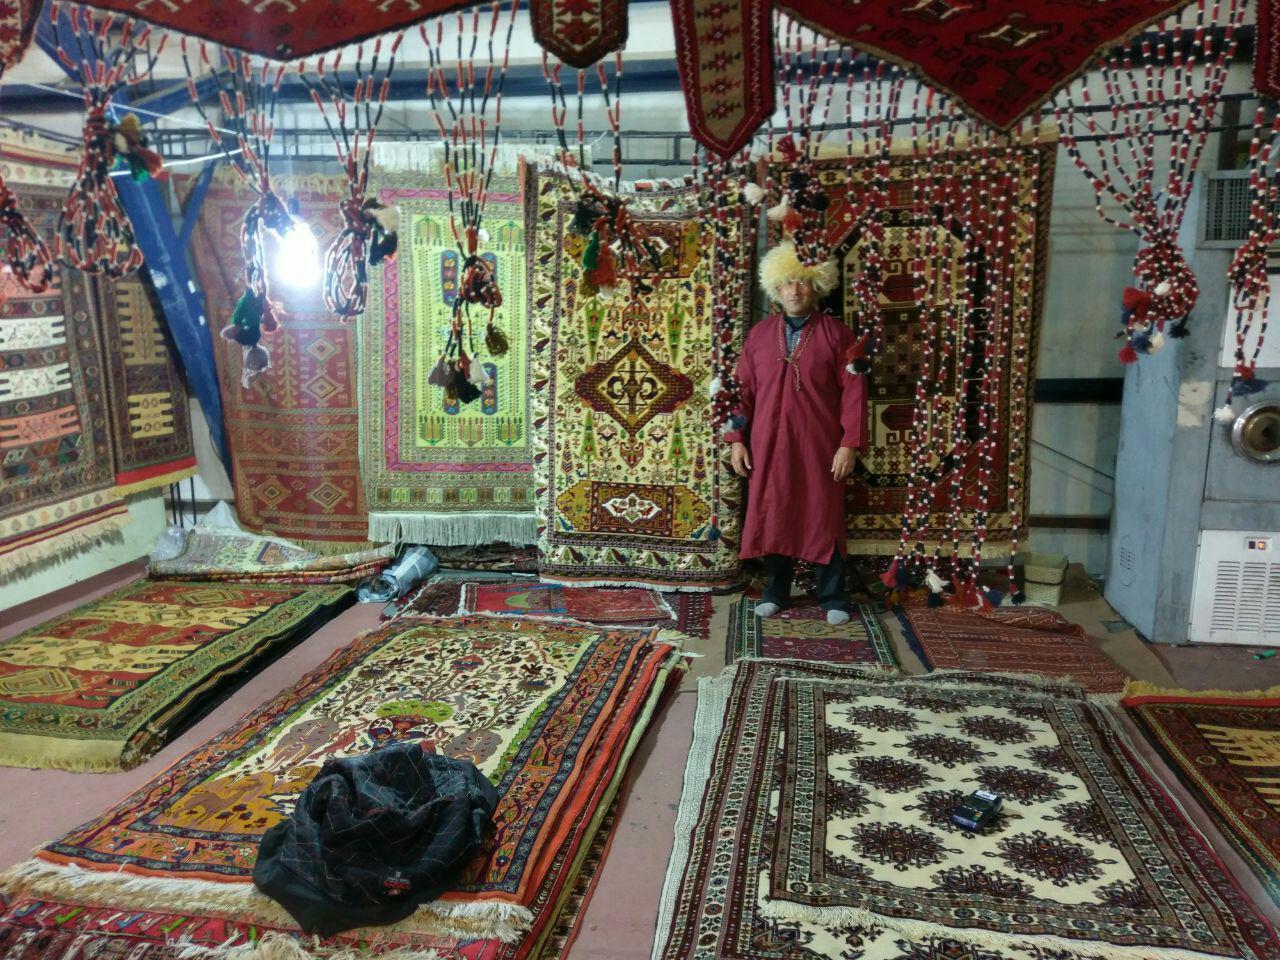 درخشش هنر بانوان ترکمن خراسان شمالی در دومین نمایشگاه سراسری خراسان جنوبی